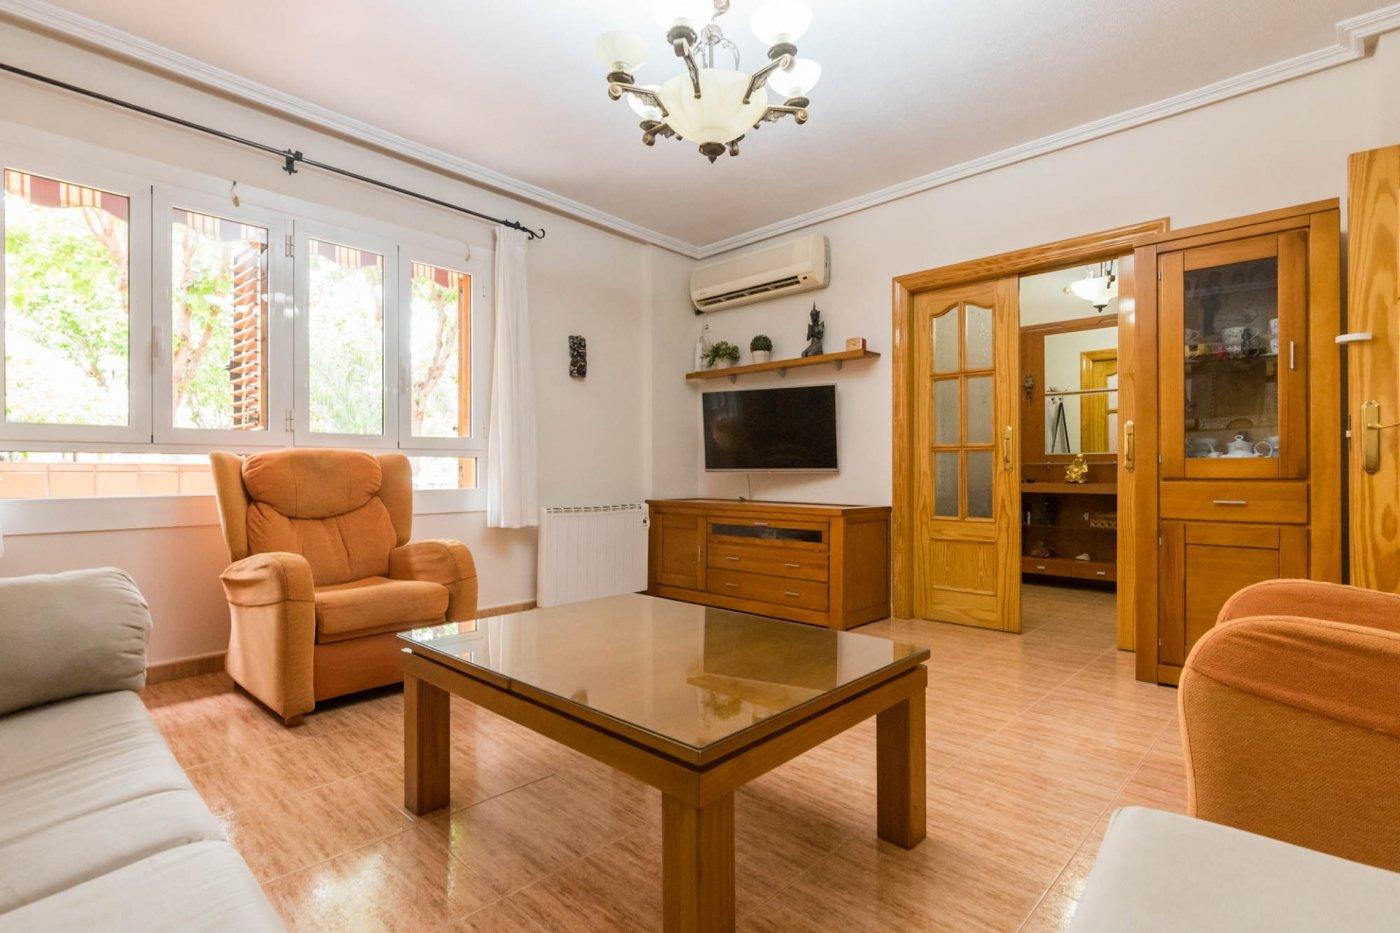 Dúplex · Beniajan · Monteazahar 139.900€€